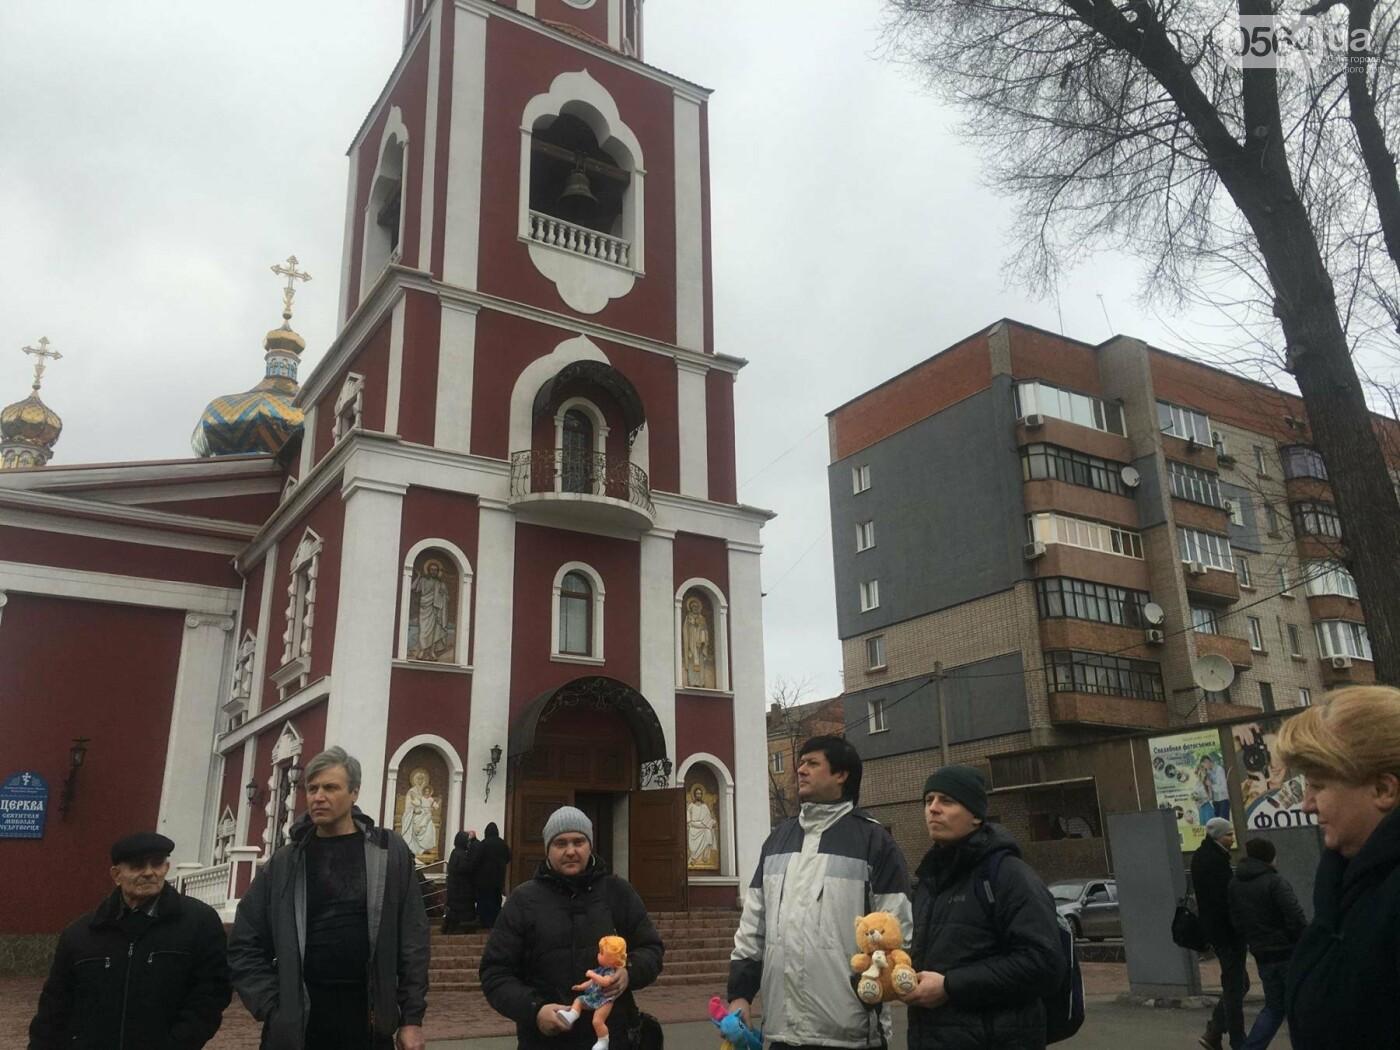 Криворожане, протестуя против политики УПЦ Московского патриархата,  принесли игрушки к храму (ФОТО, ВИДЕО), фото-13